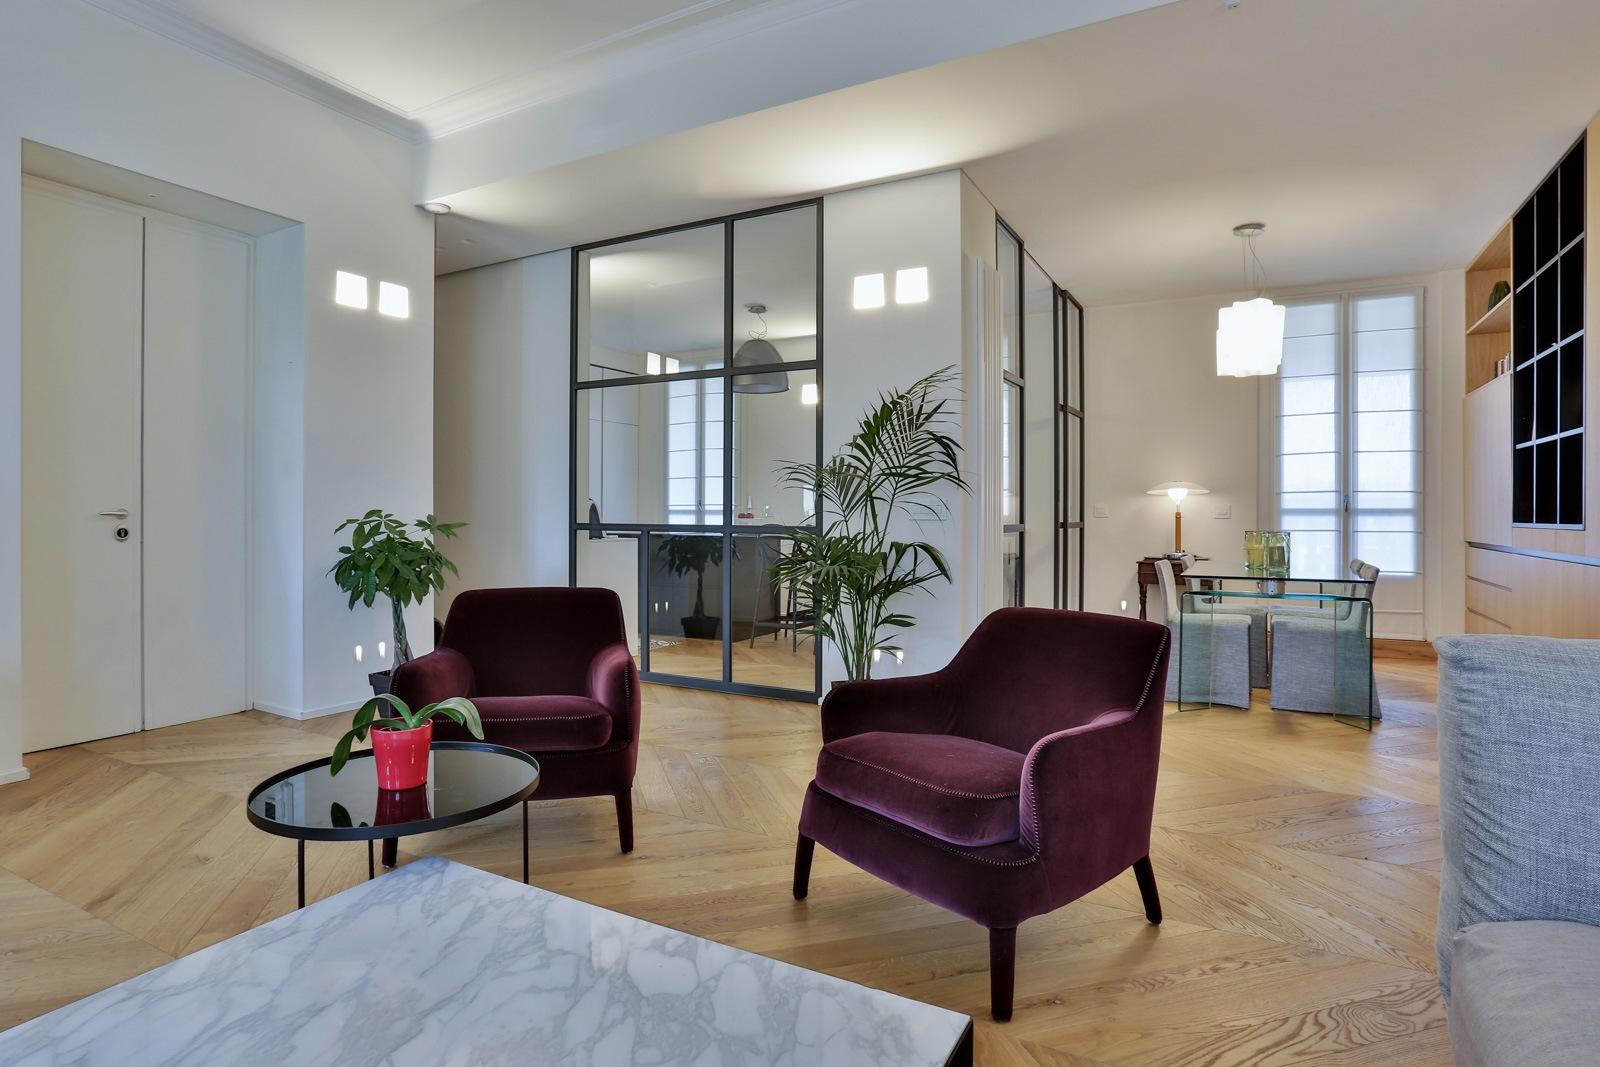 soggiorno moderno con sedie in velluto